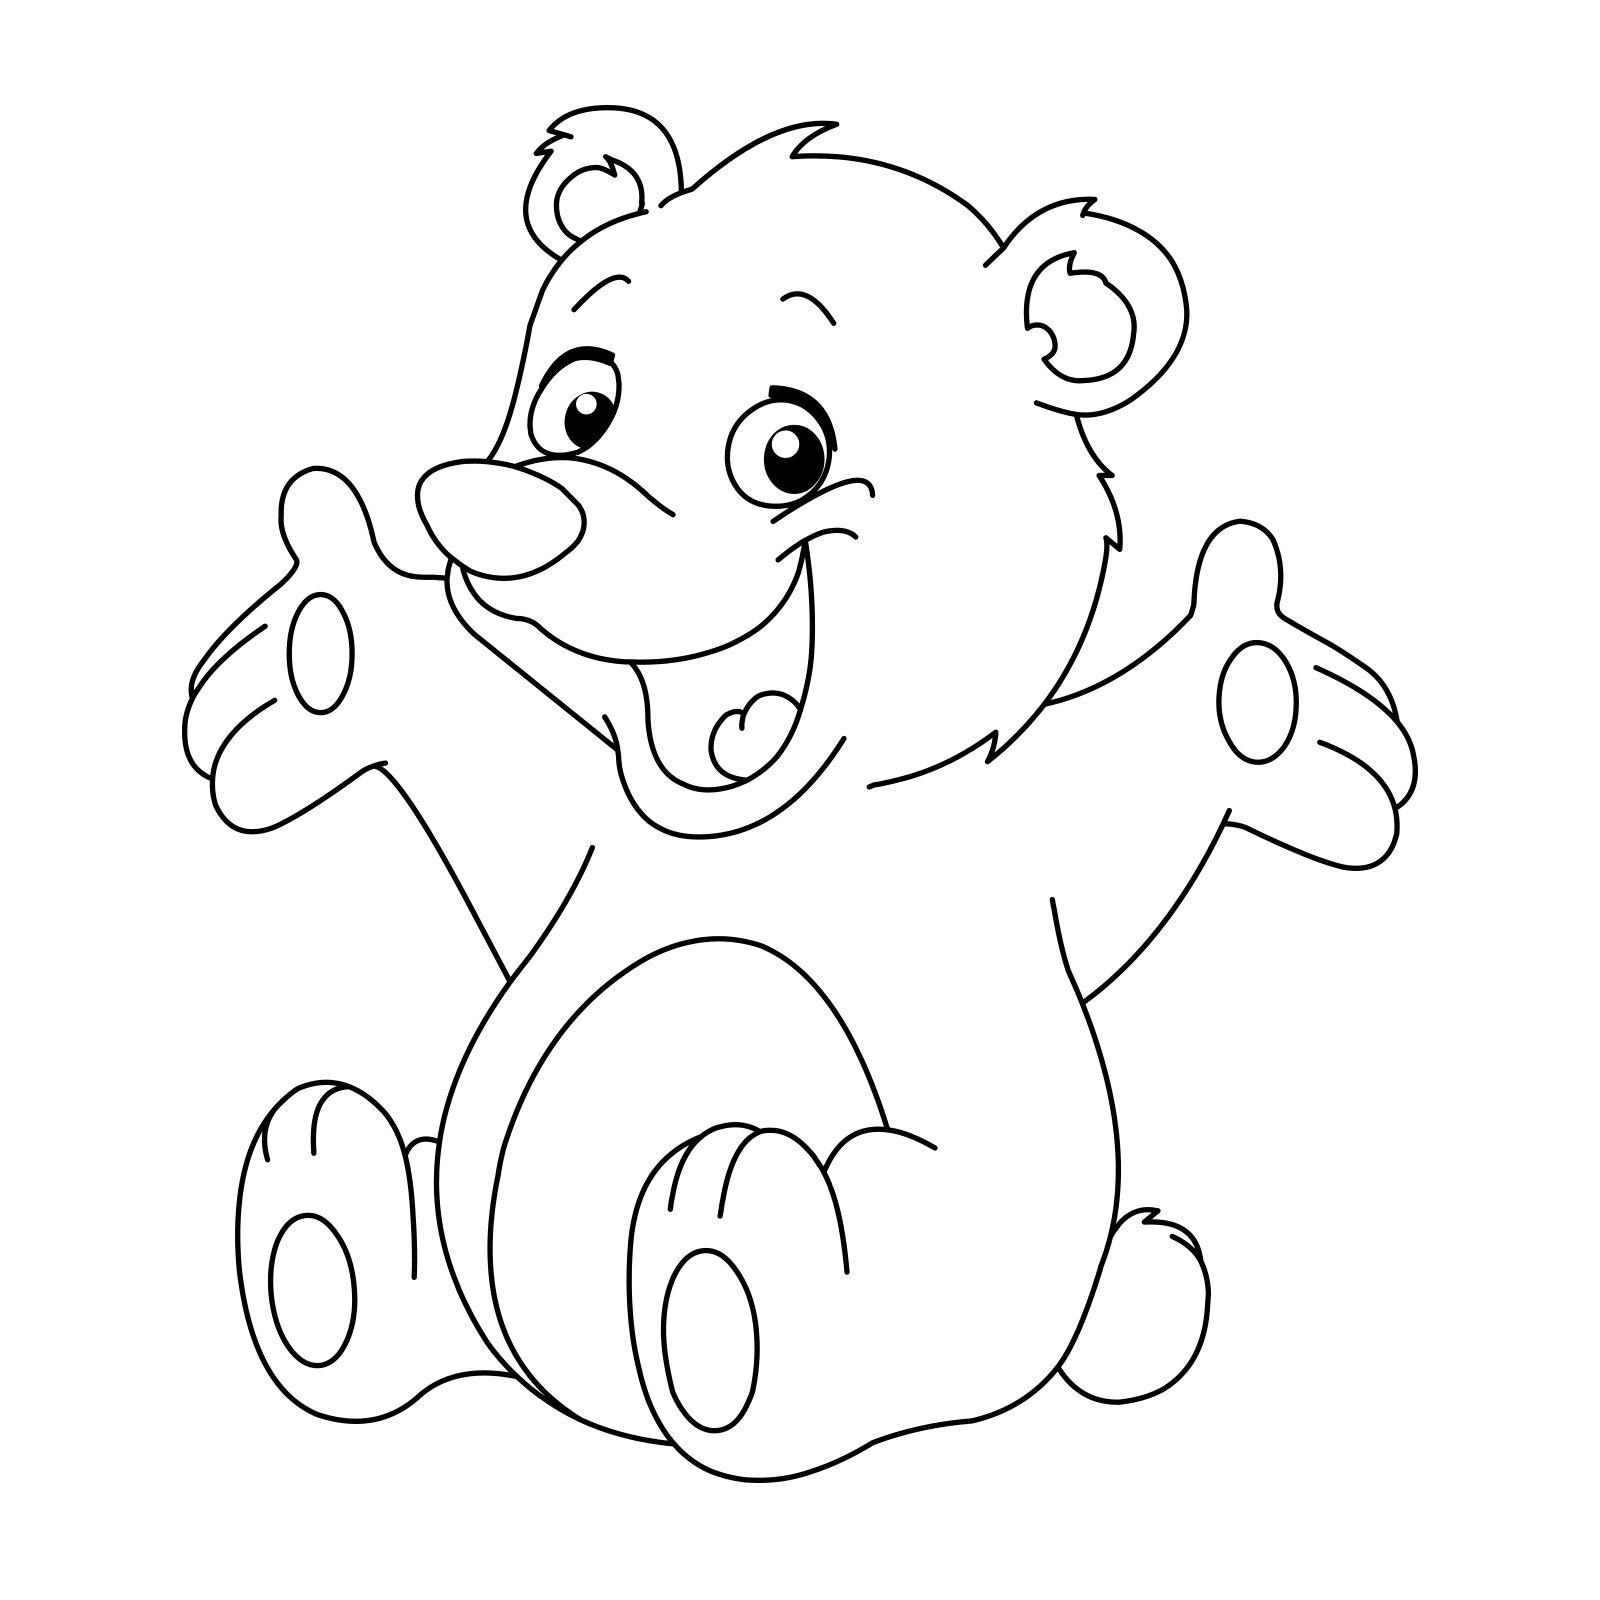 Épinglé par Zygoto sur Art Coloriage ours, Coloriage